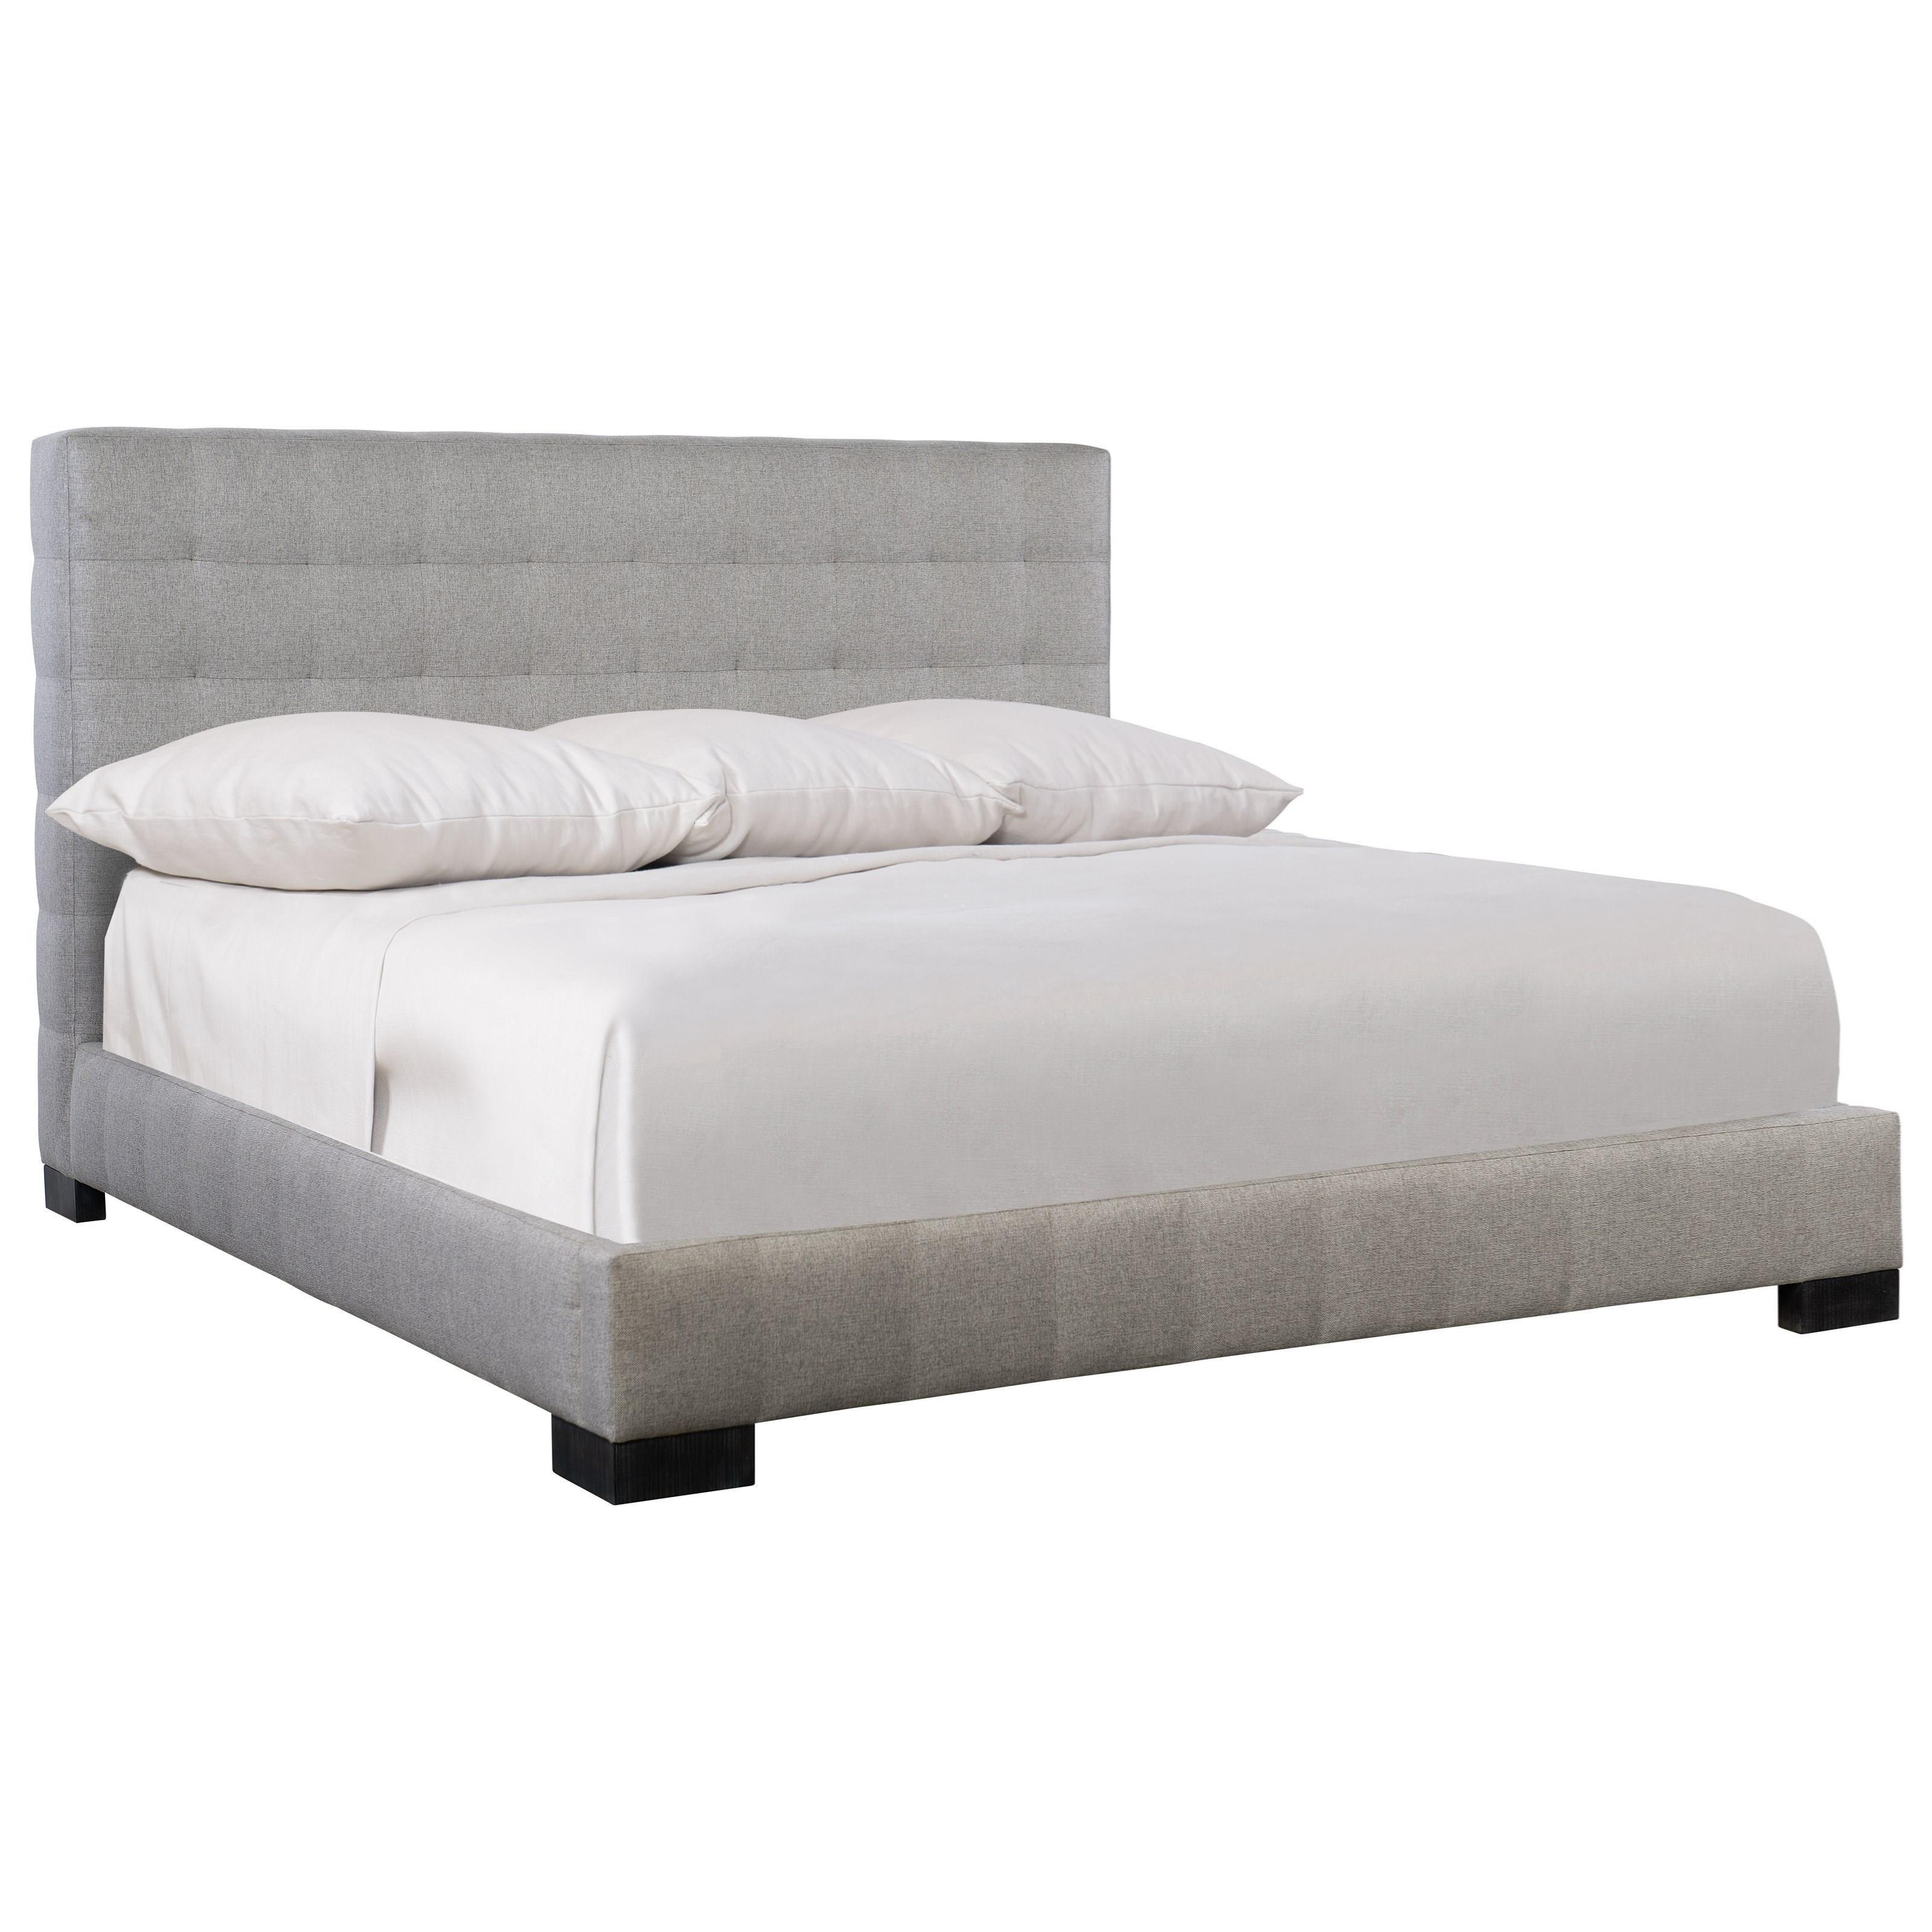 Loft - Logan Square LaSalle King Upholstered Bed by Bernhardt at Baer's Furniture